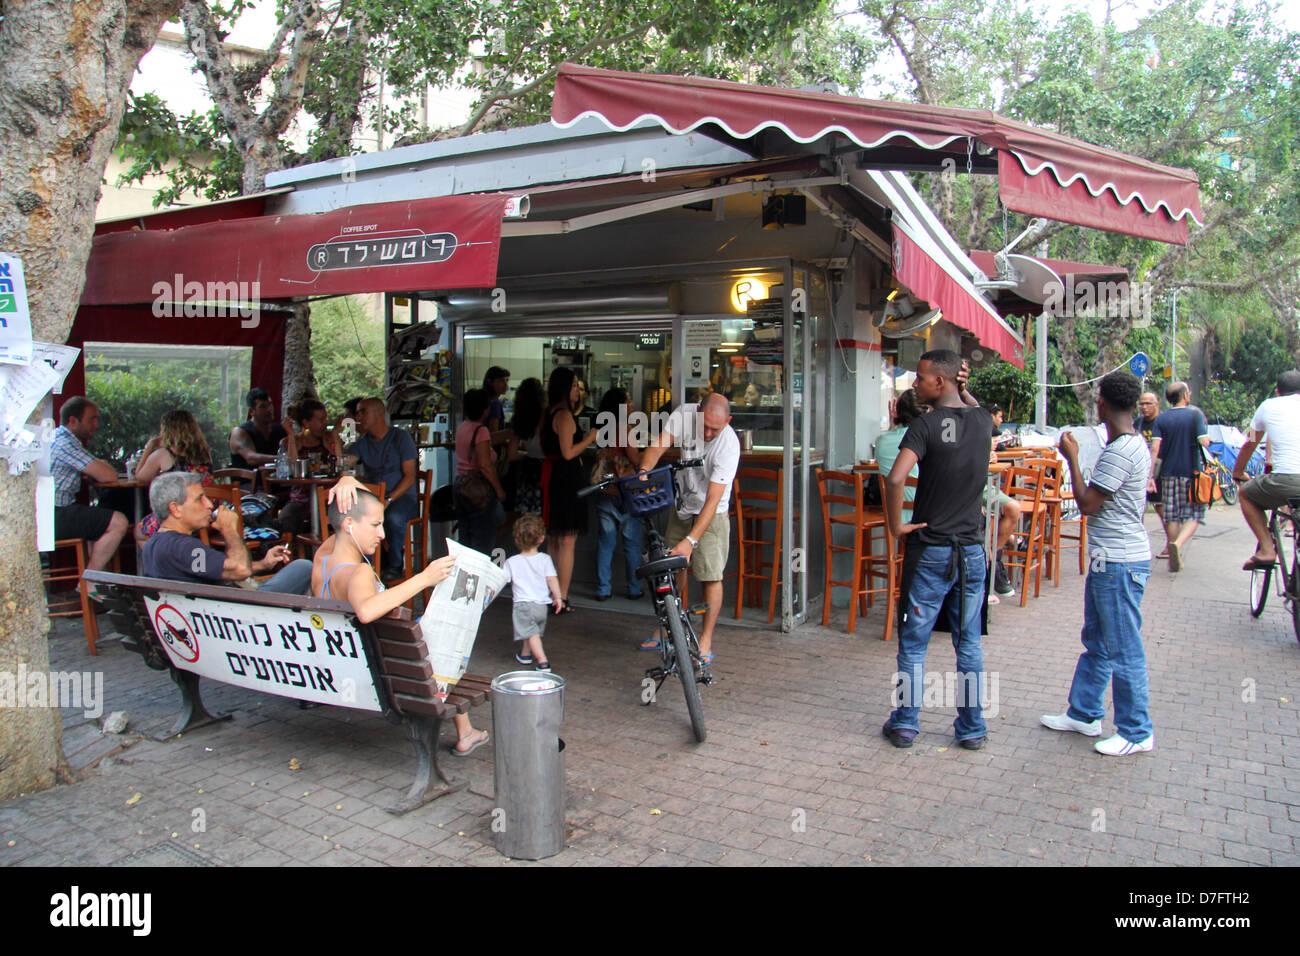 Kiosk on Rothschild Blvd., Tel Aviv, Israel - Stock Image